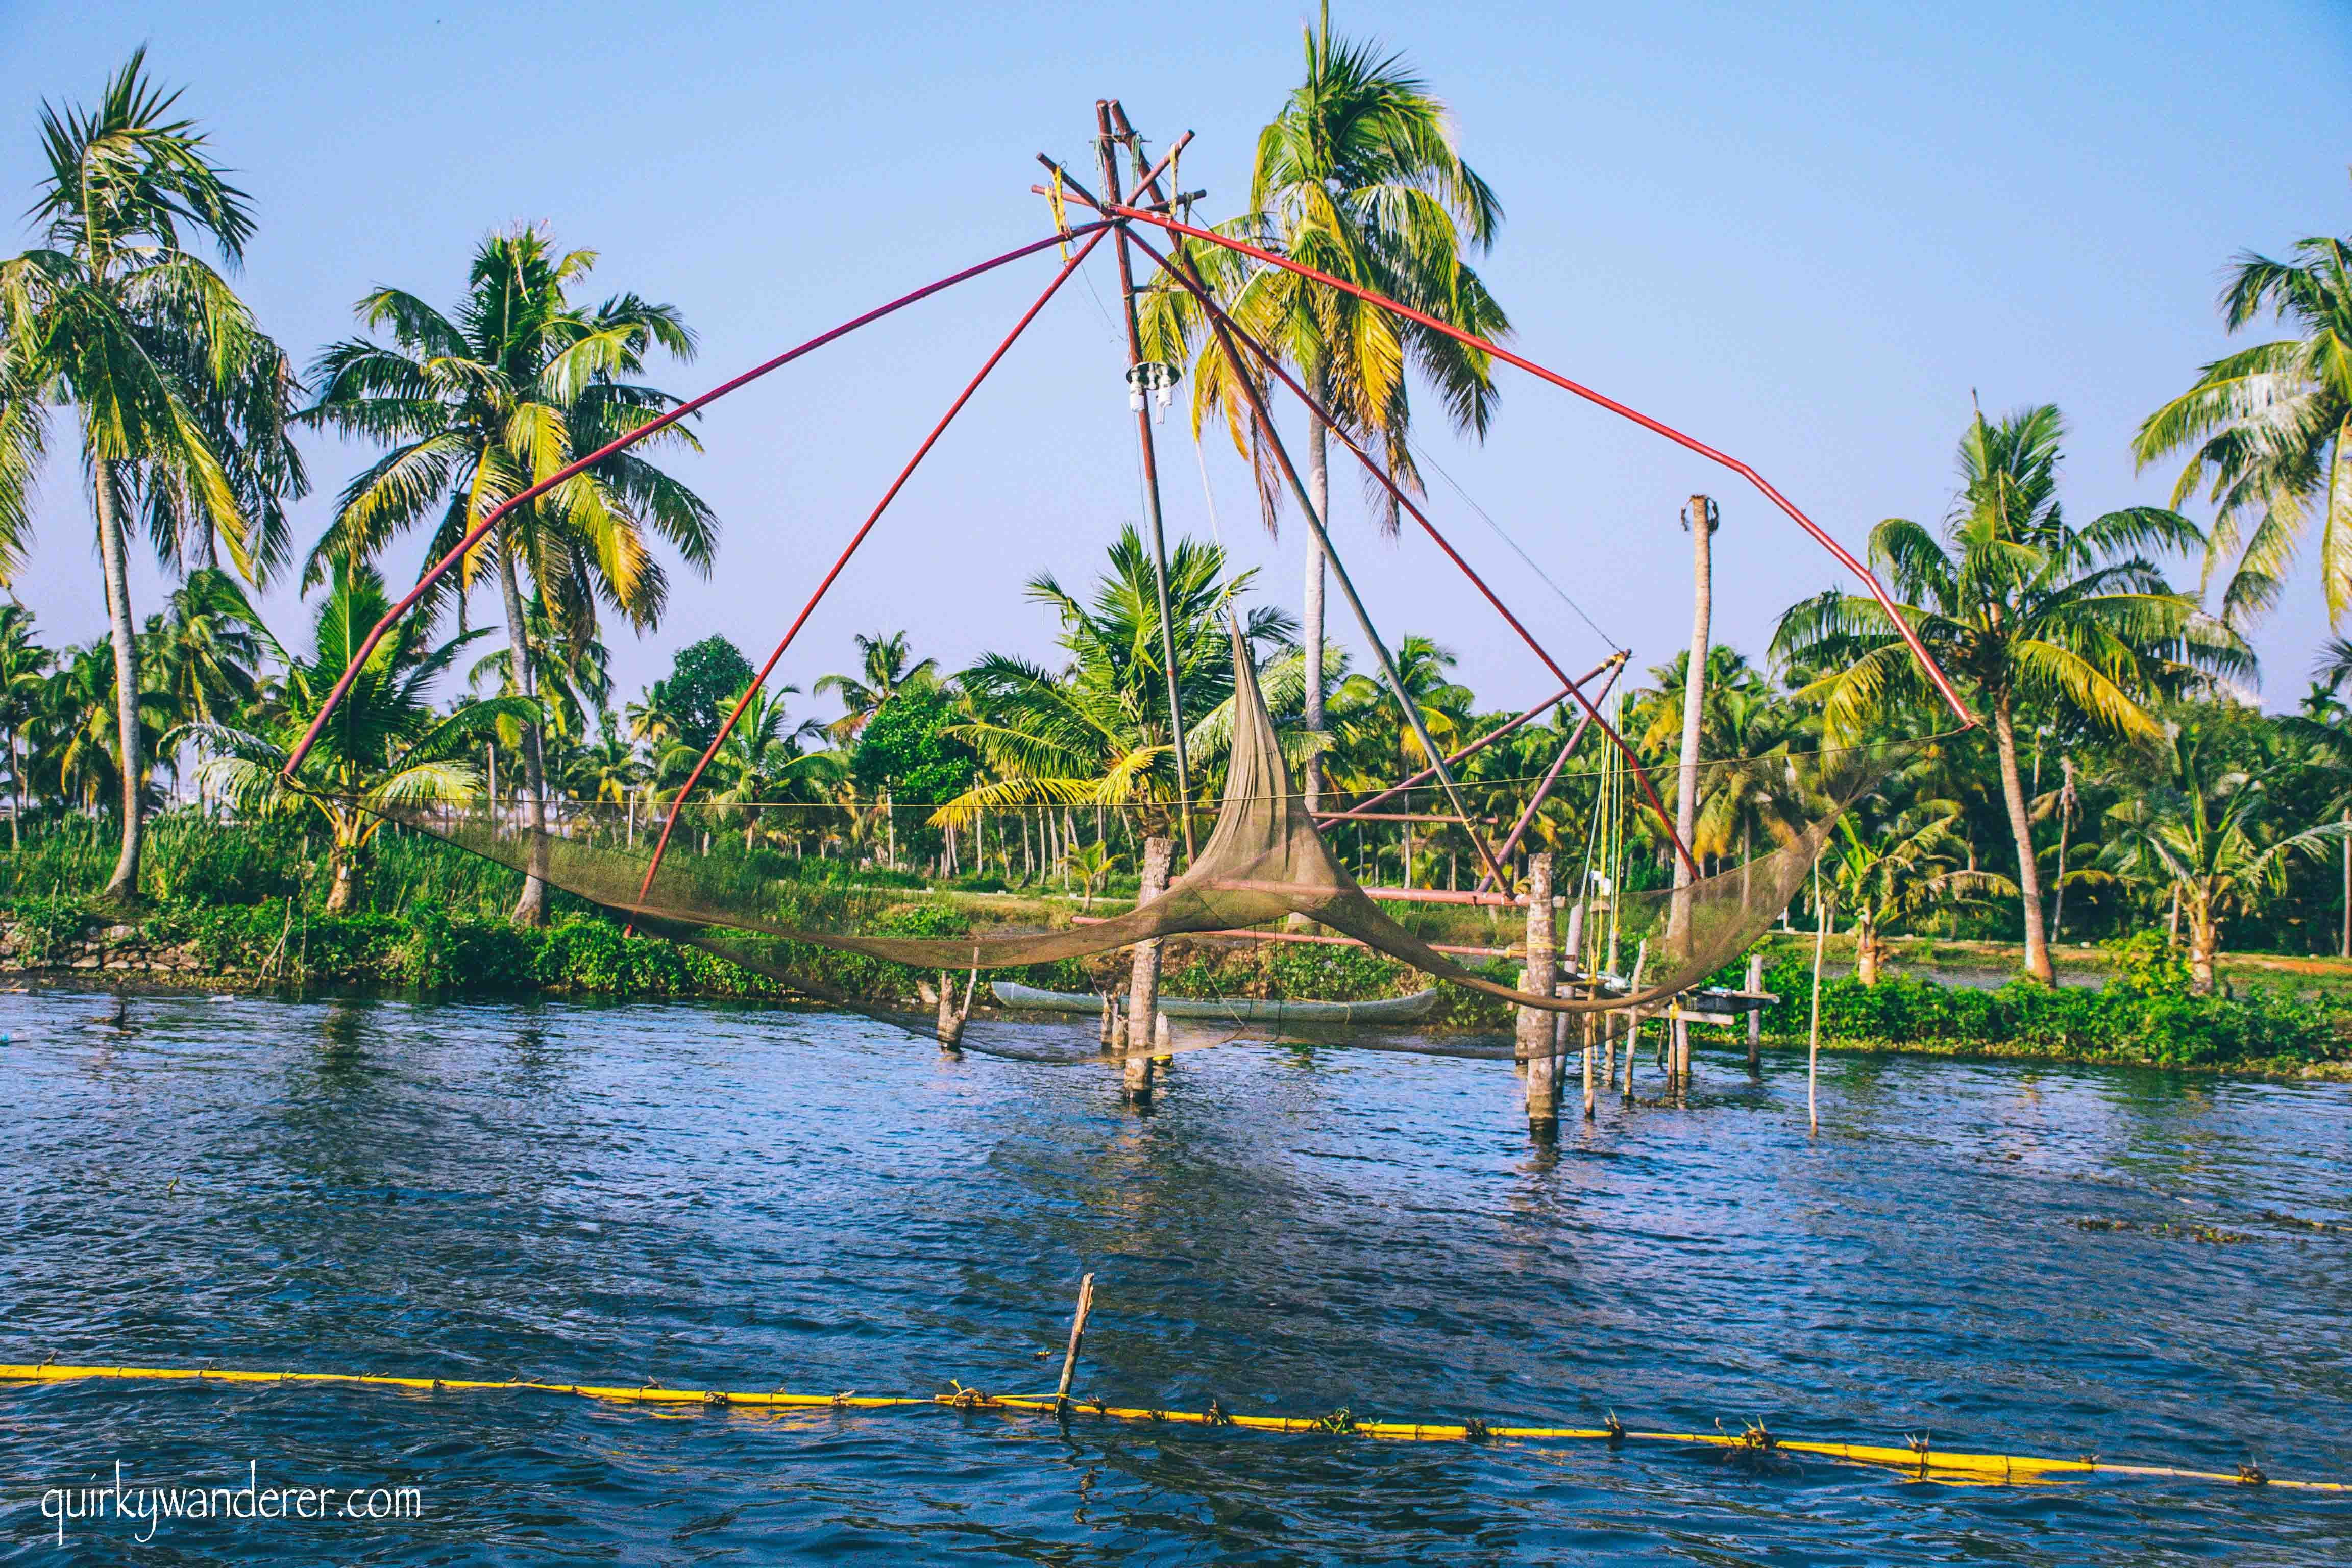 Fishing net in Kumarakom